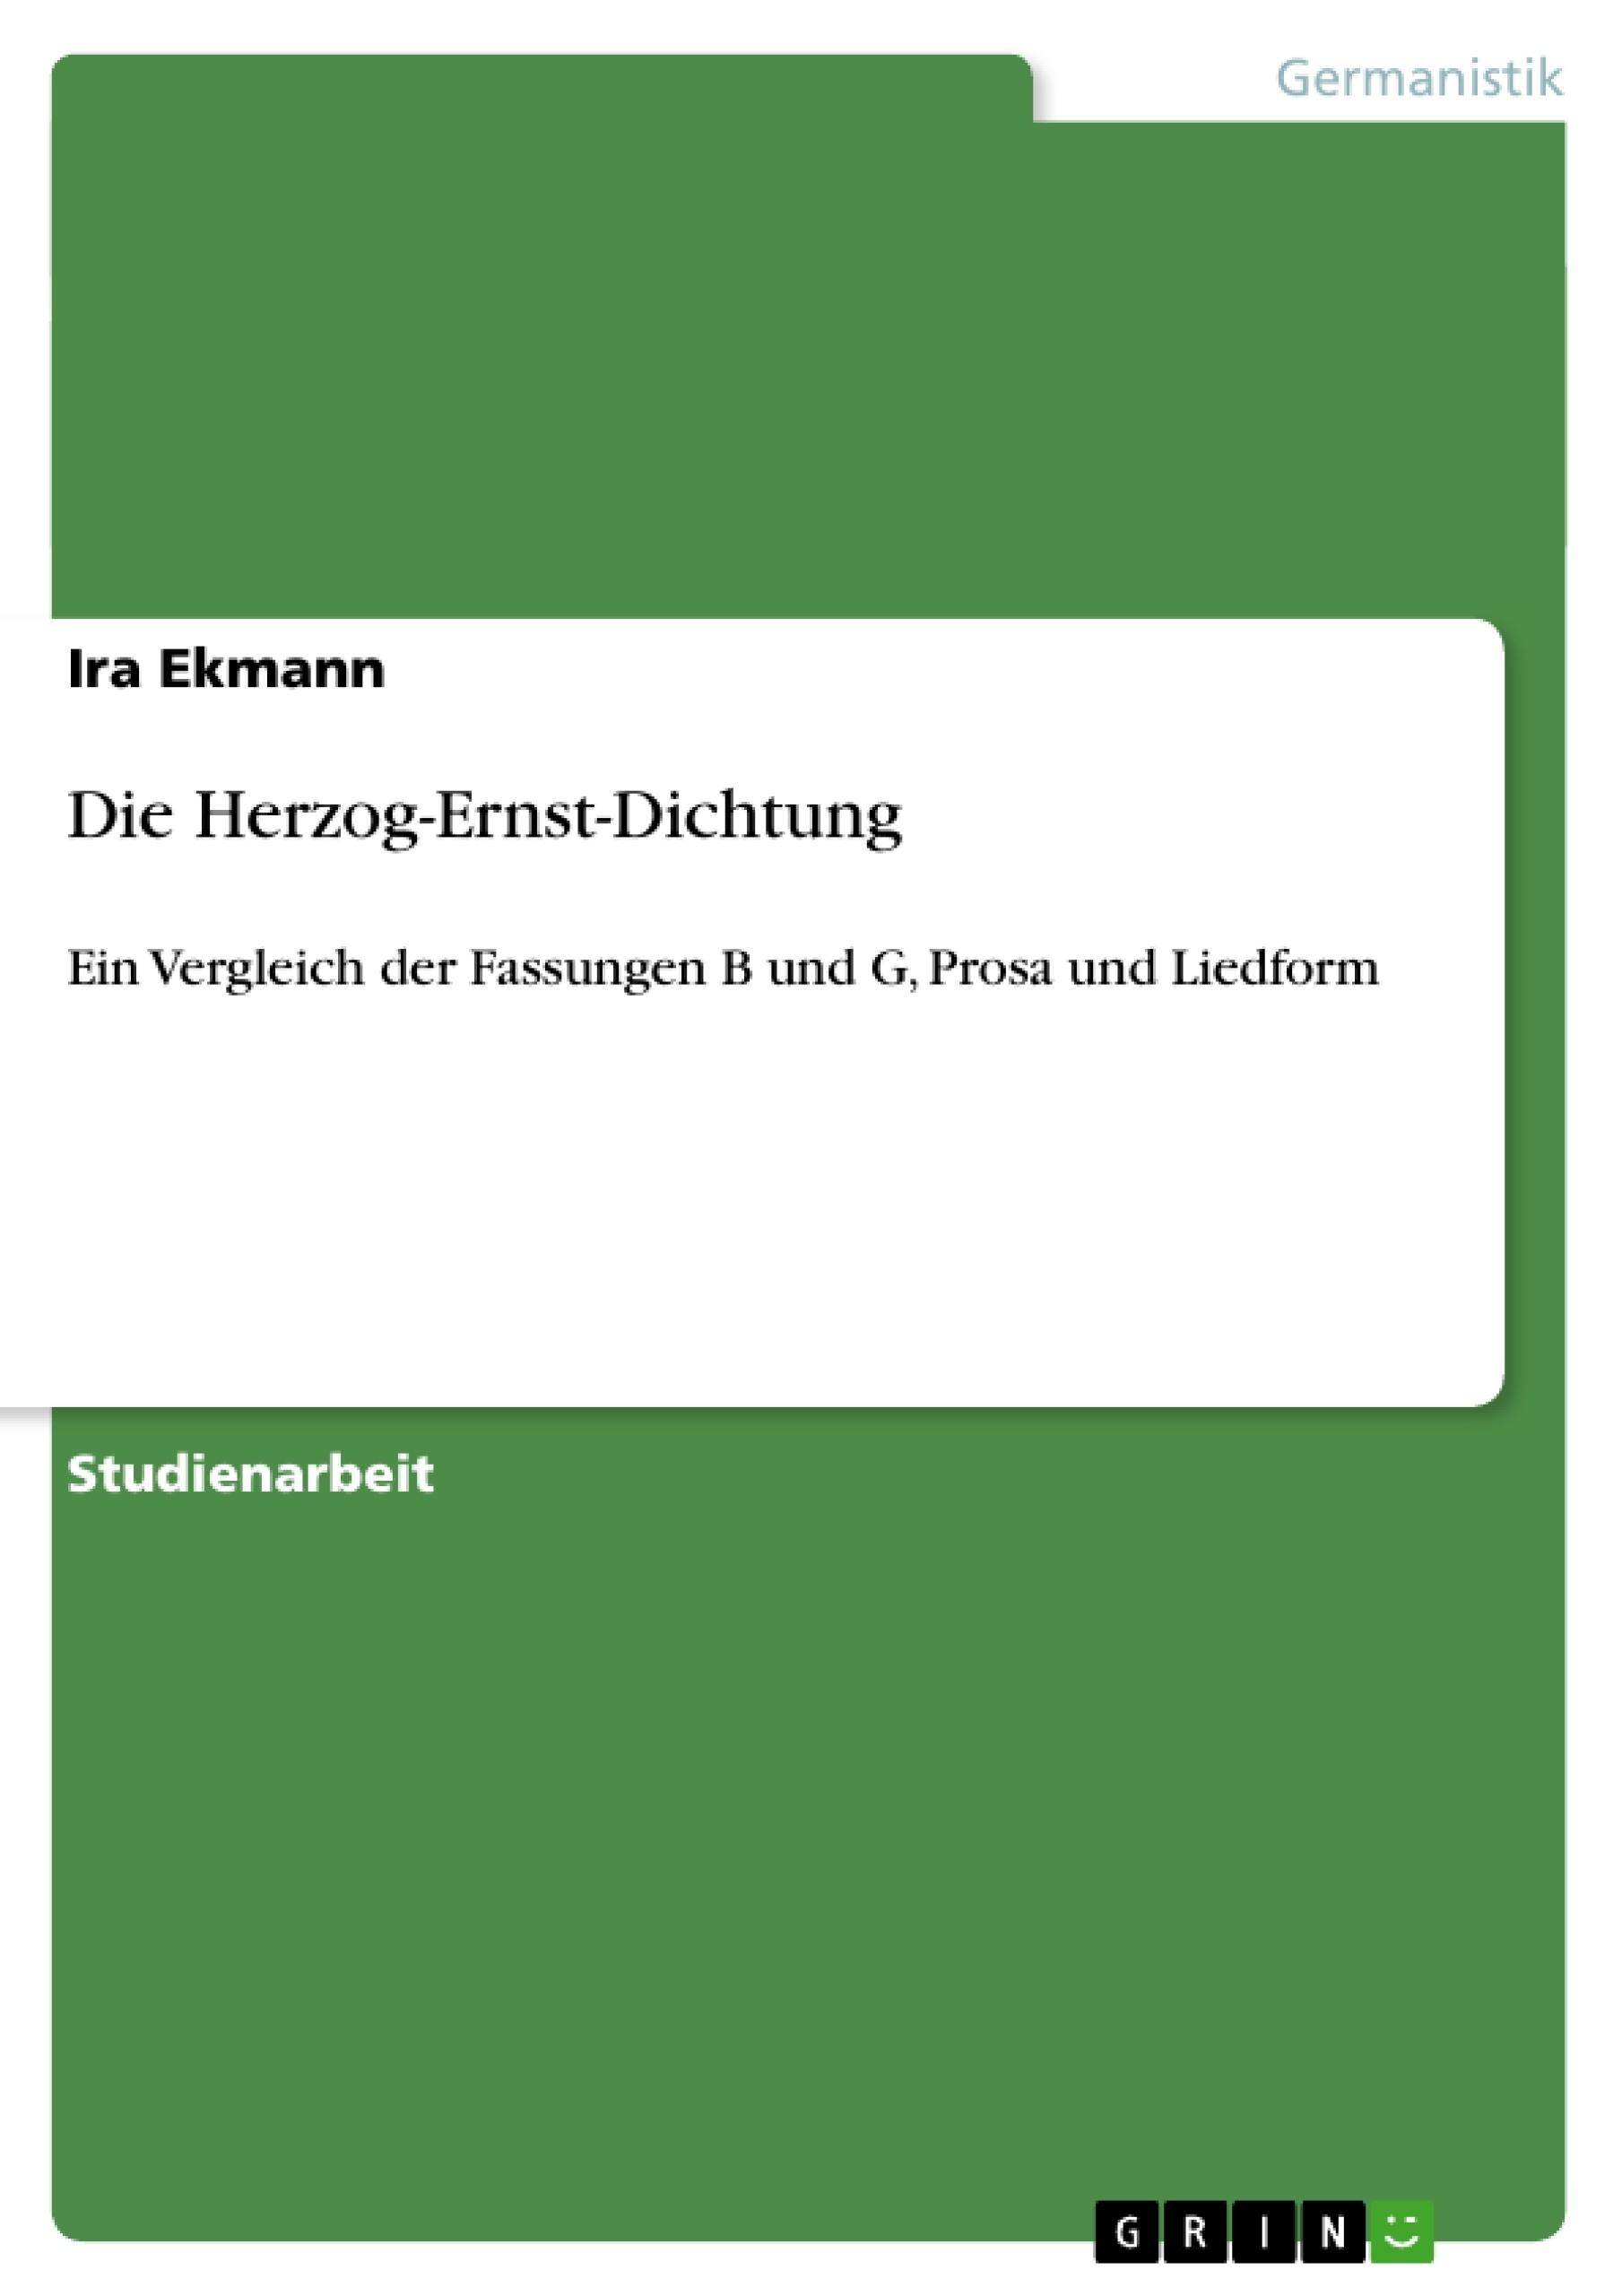 Titel: Die Herzog-Ernst-Dichtung